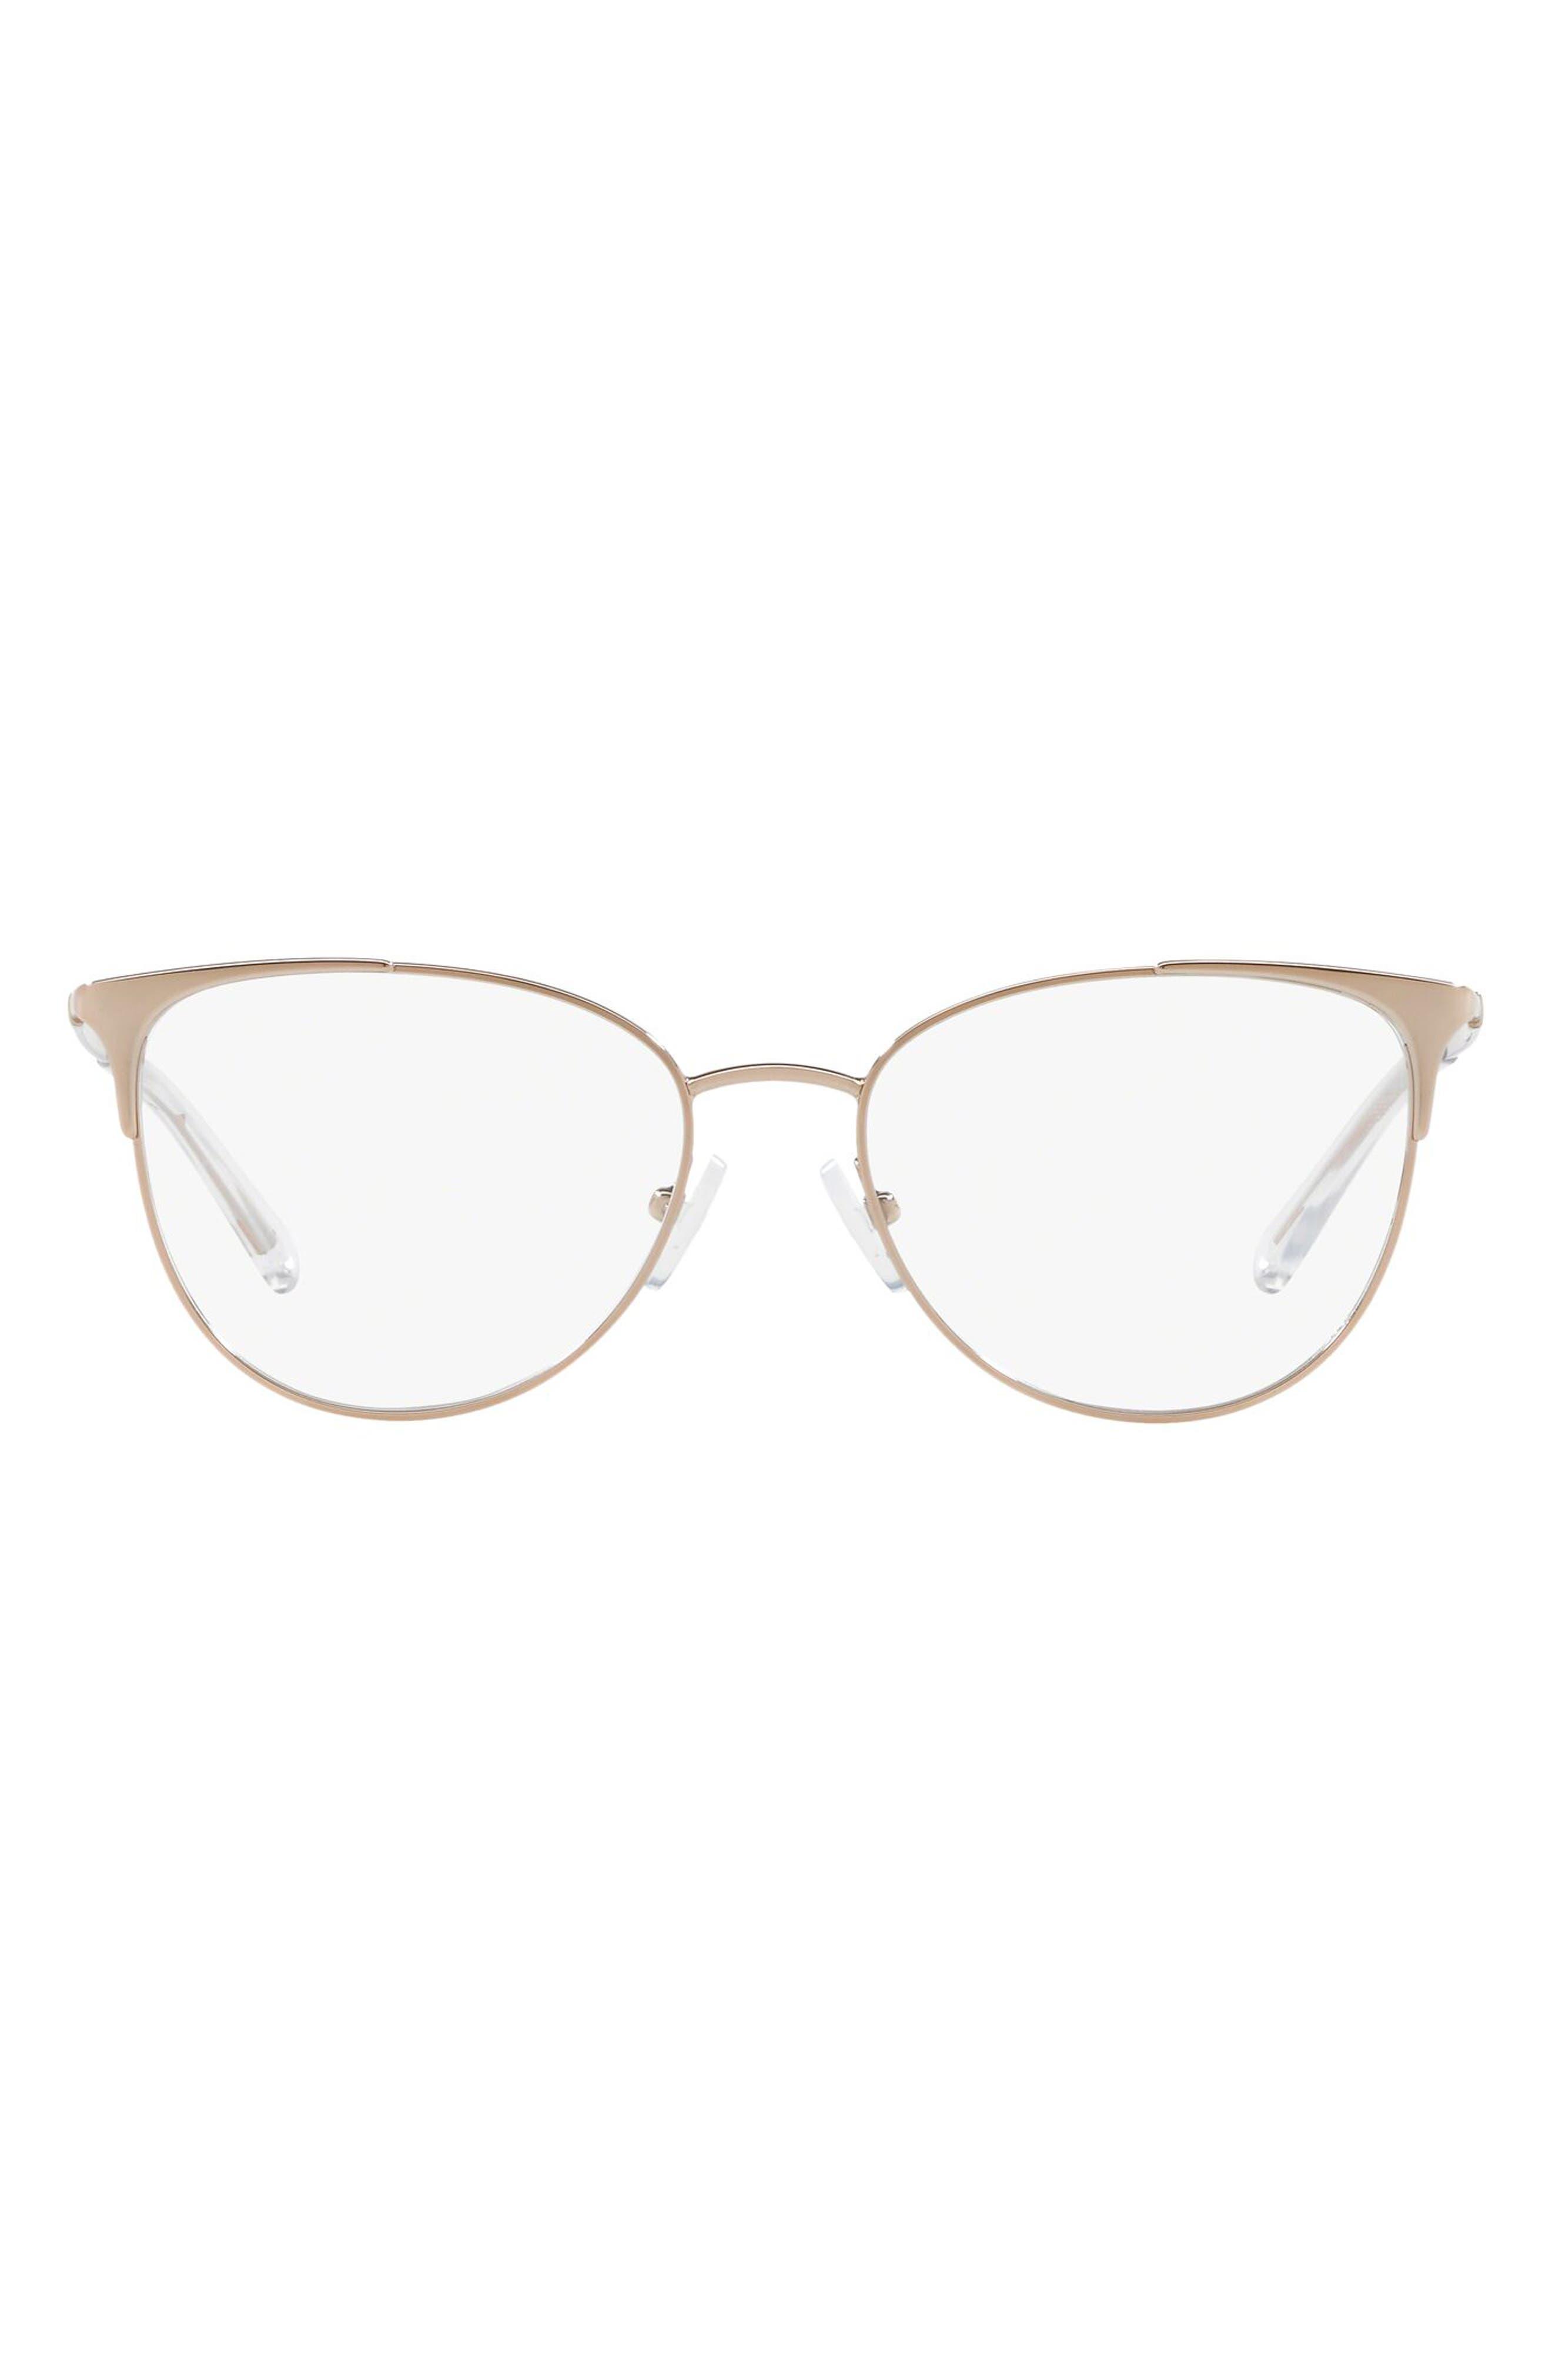 52mm Cat Eye Optical Glasses